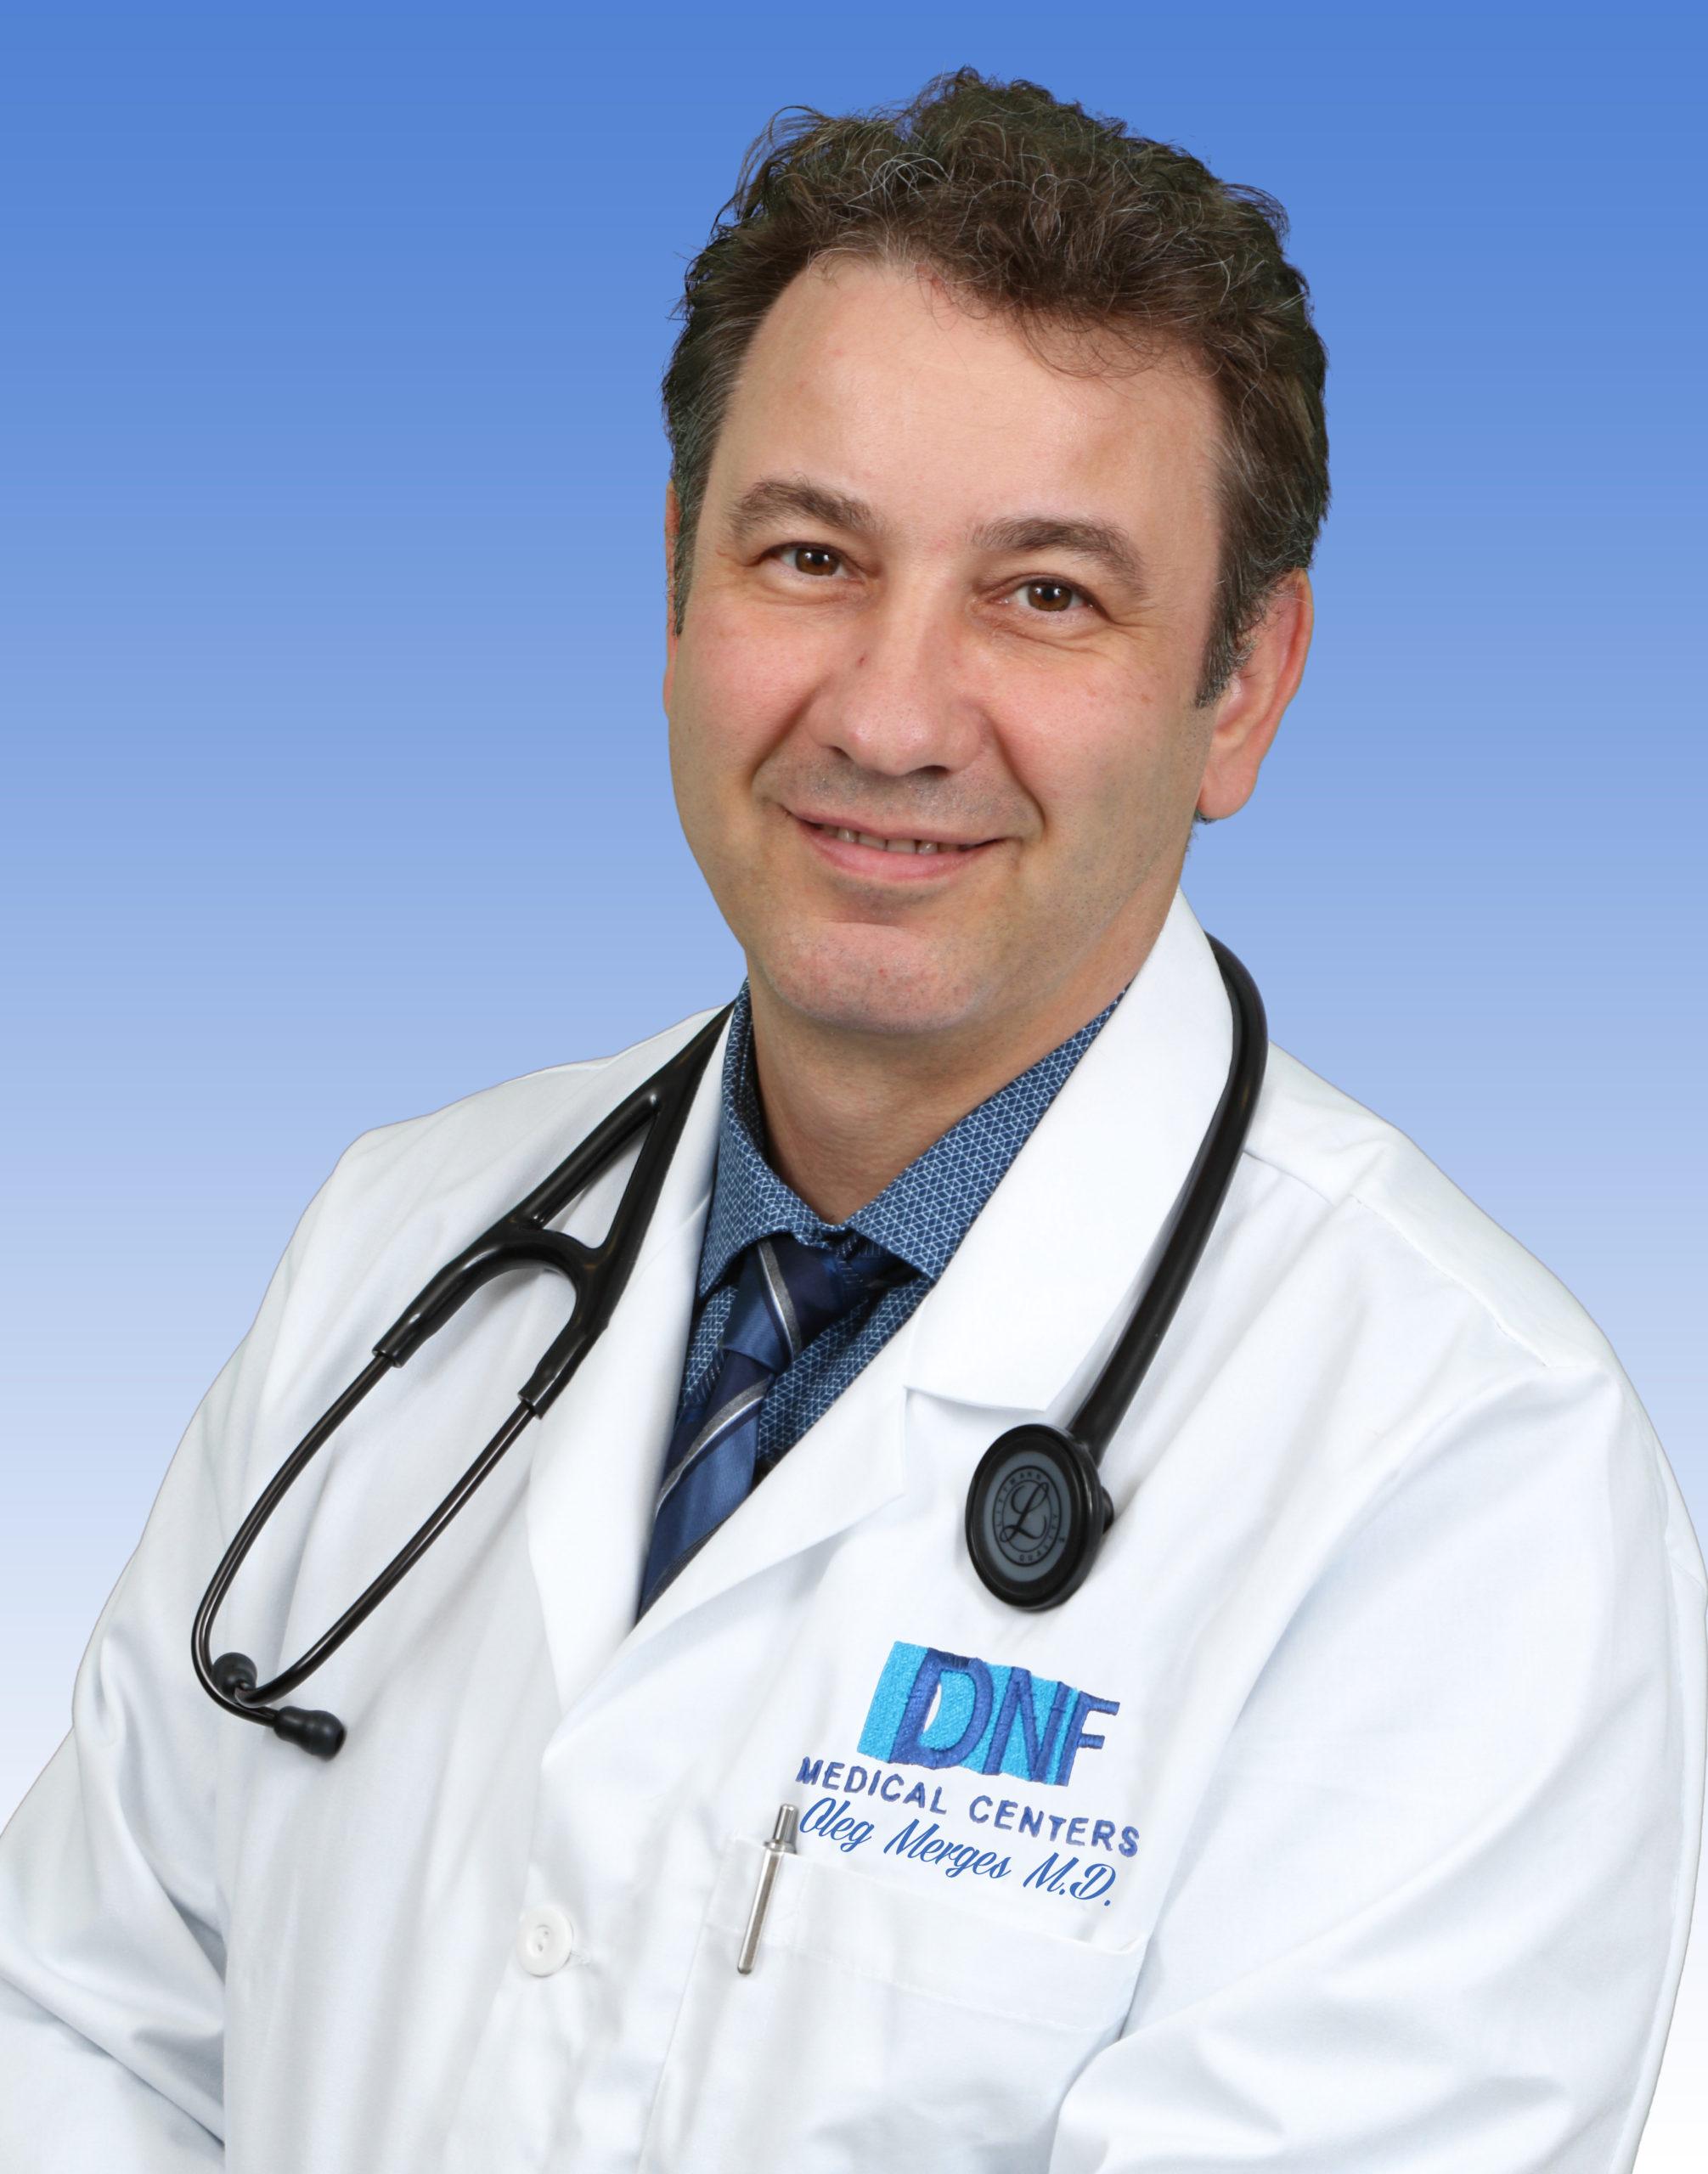 Oleg Merges, MD